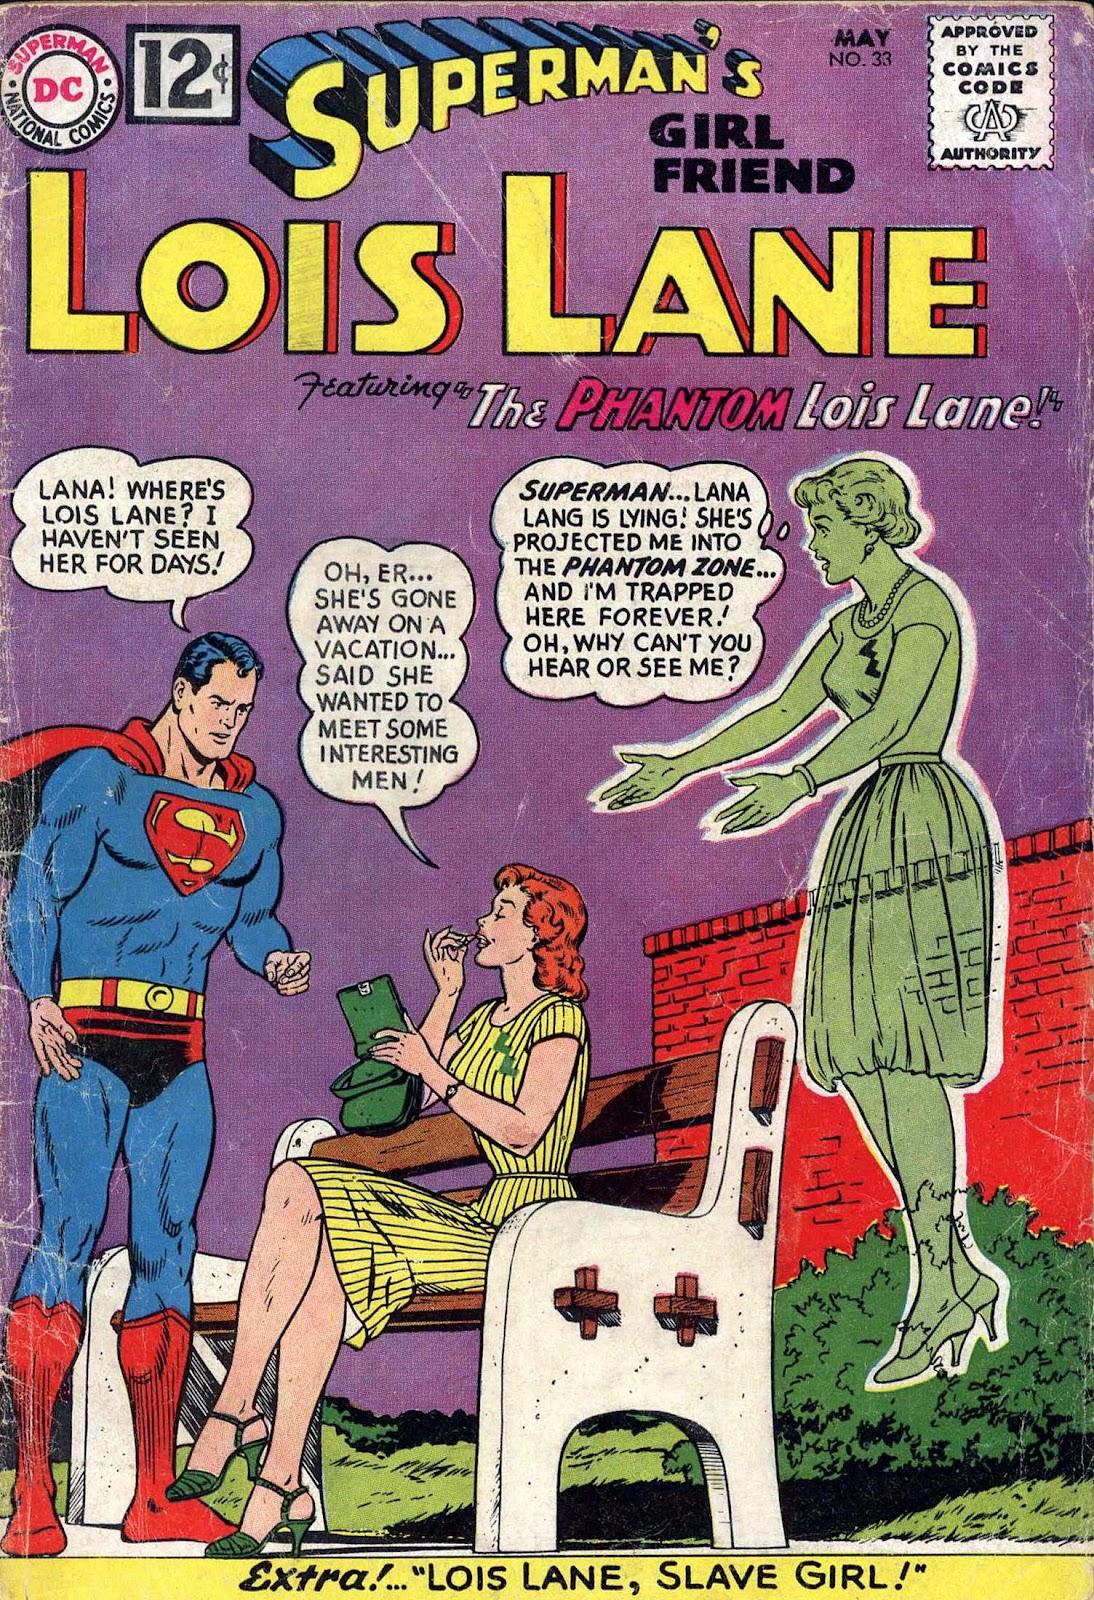 Supermans Girl Friend, Lois Lane 33 Page 1